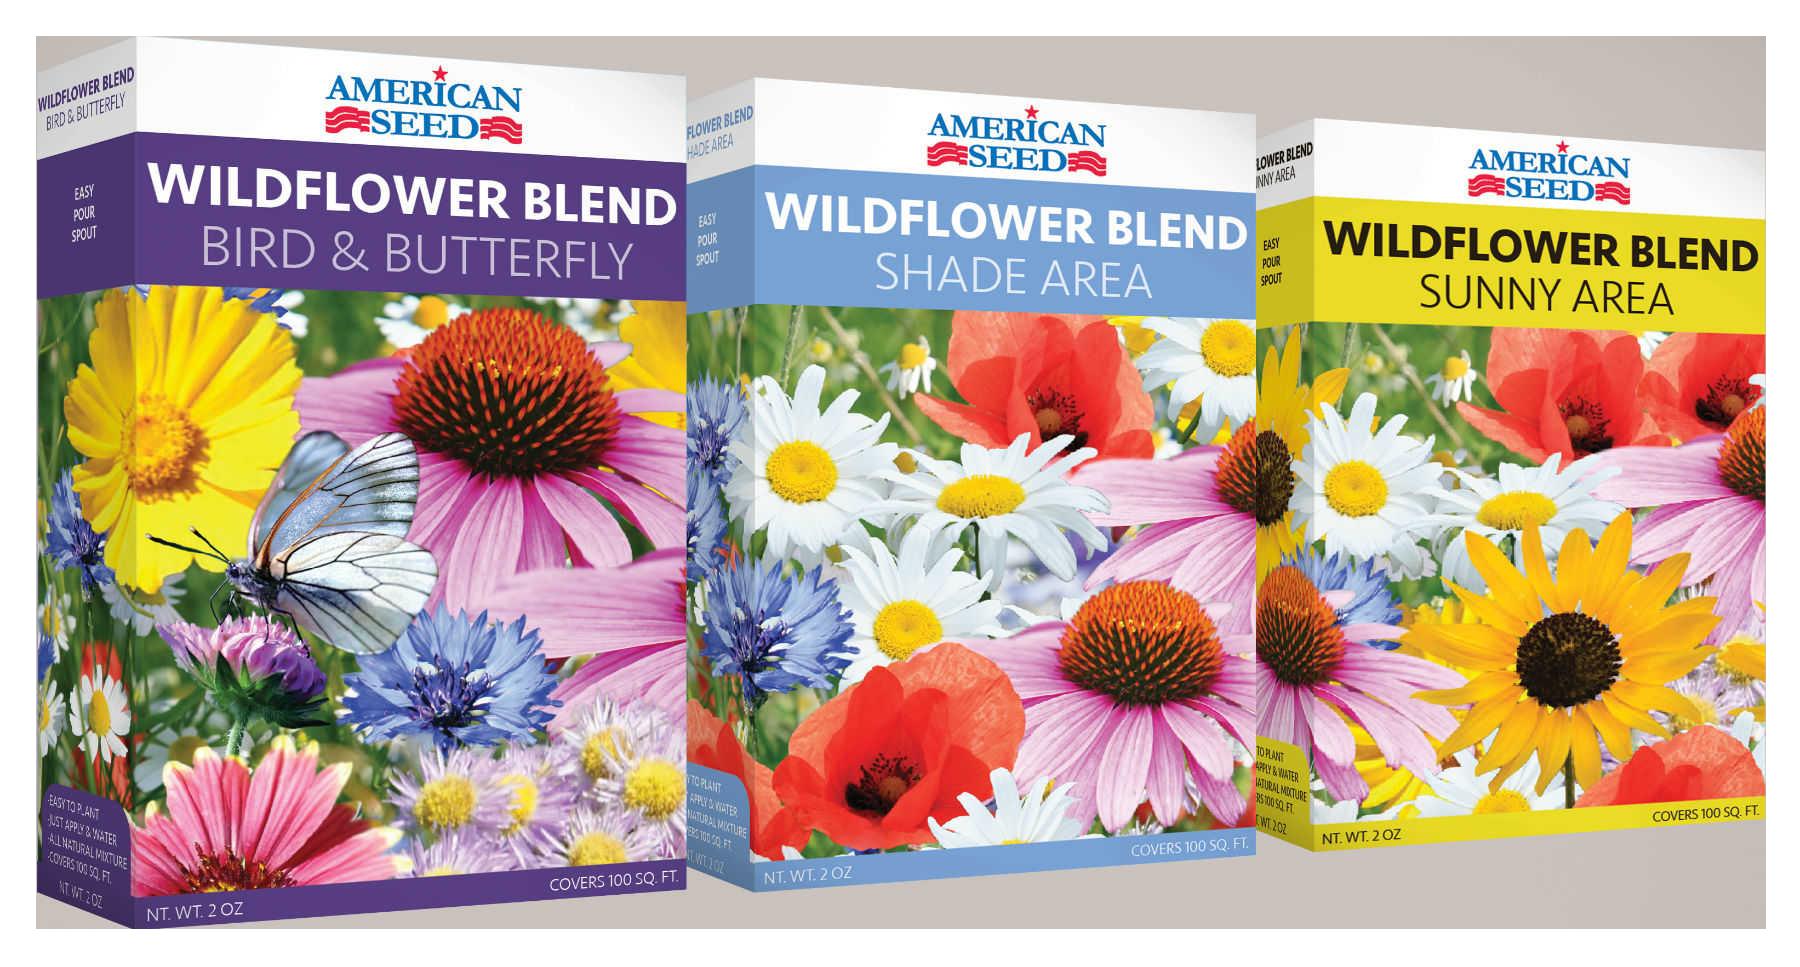 American Seed Wildflowers